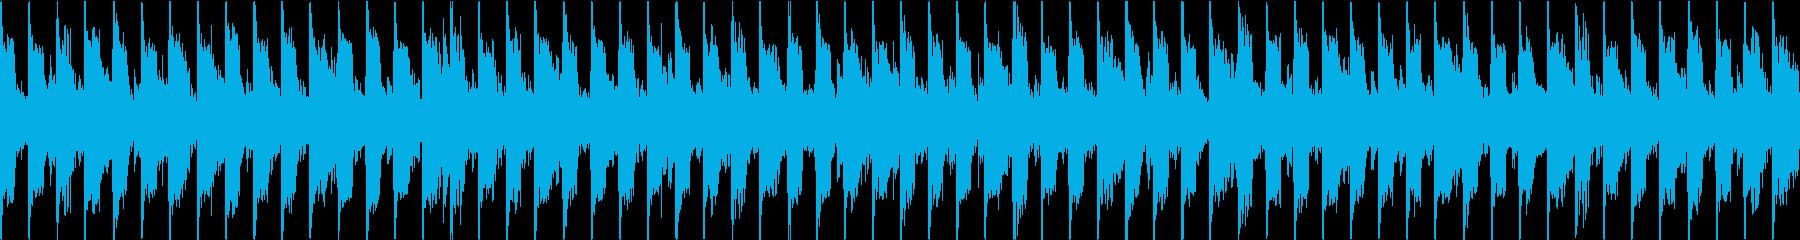 ダークなシンセサイザーのループの再生済みの波形